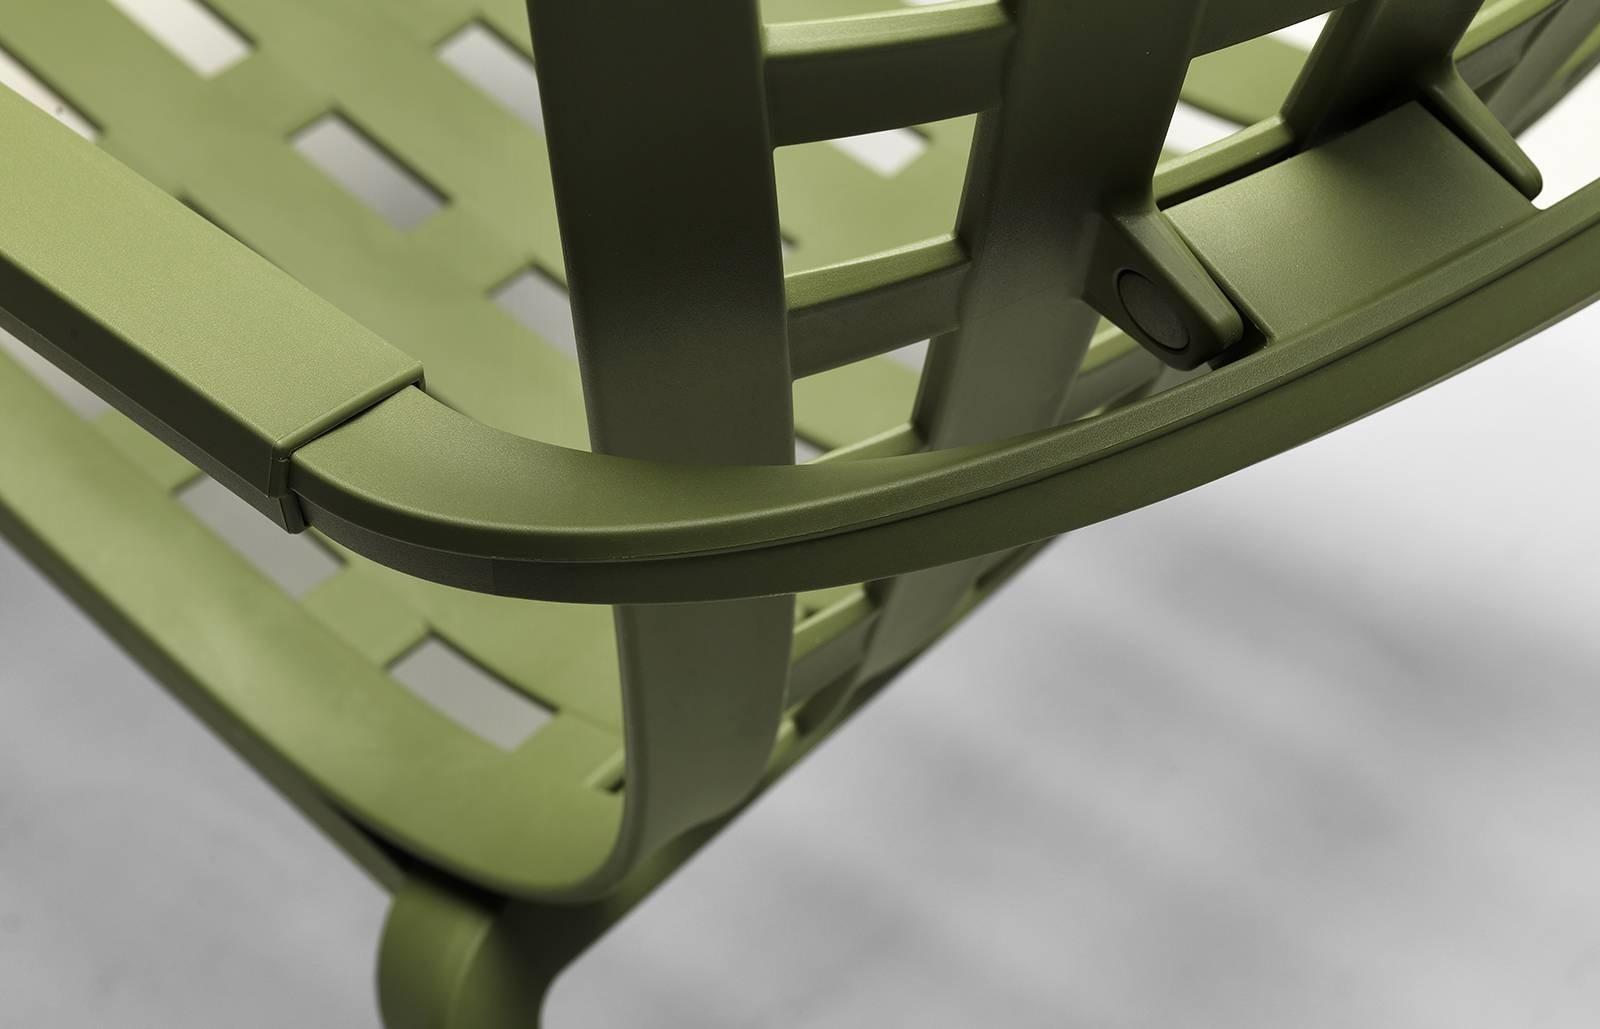 Fotel bujany z podłokietnikami Folio ant racytowy - zdjęcie nr 7